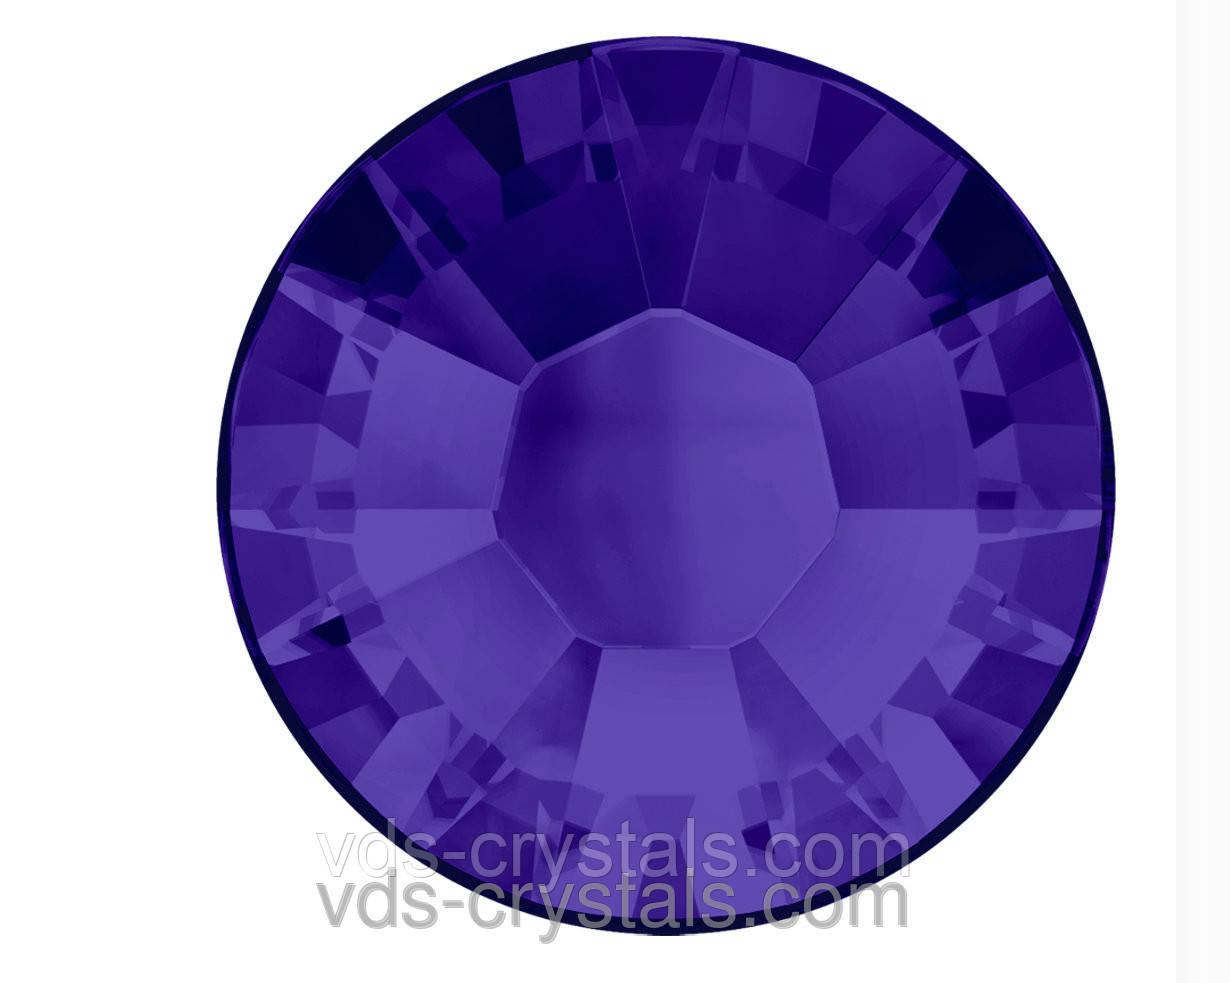 Кристали Сваровскі клейові гарячої фіксації 2038 Purple Velvet F (277)(упаковка 1440 шт.)